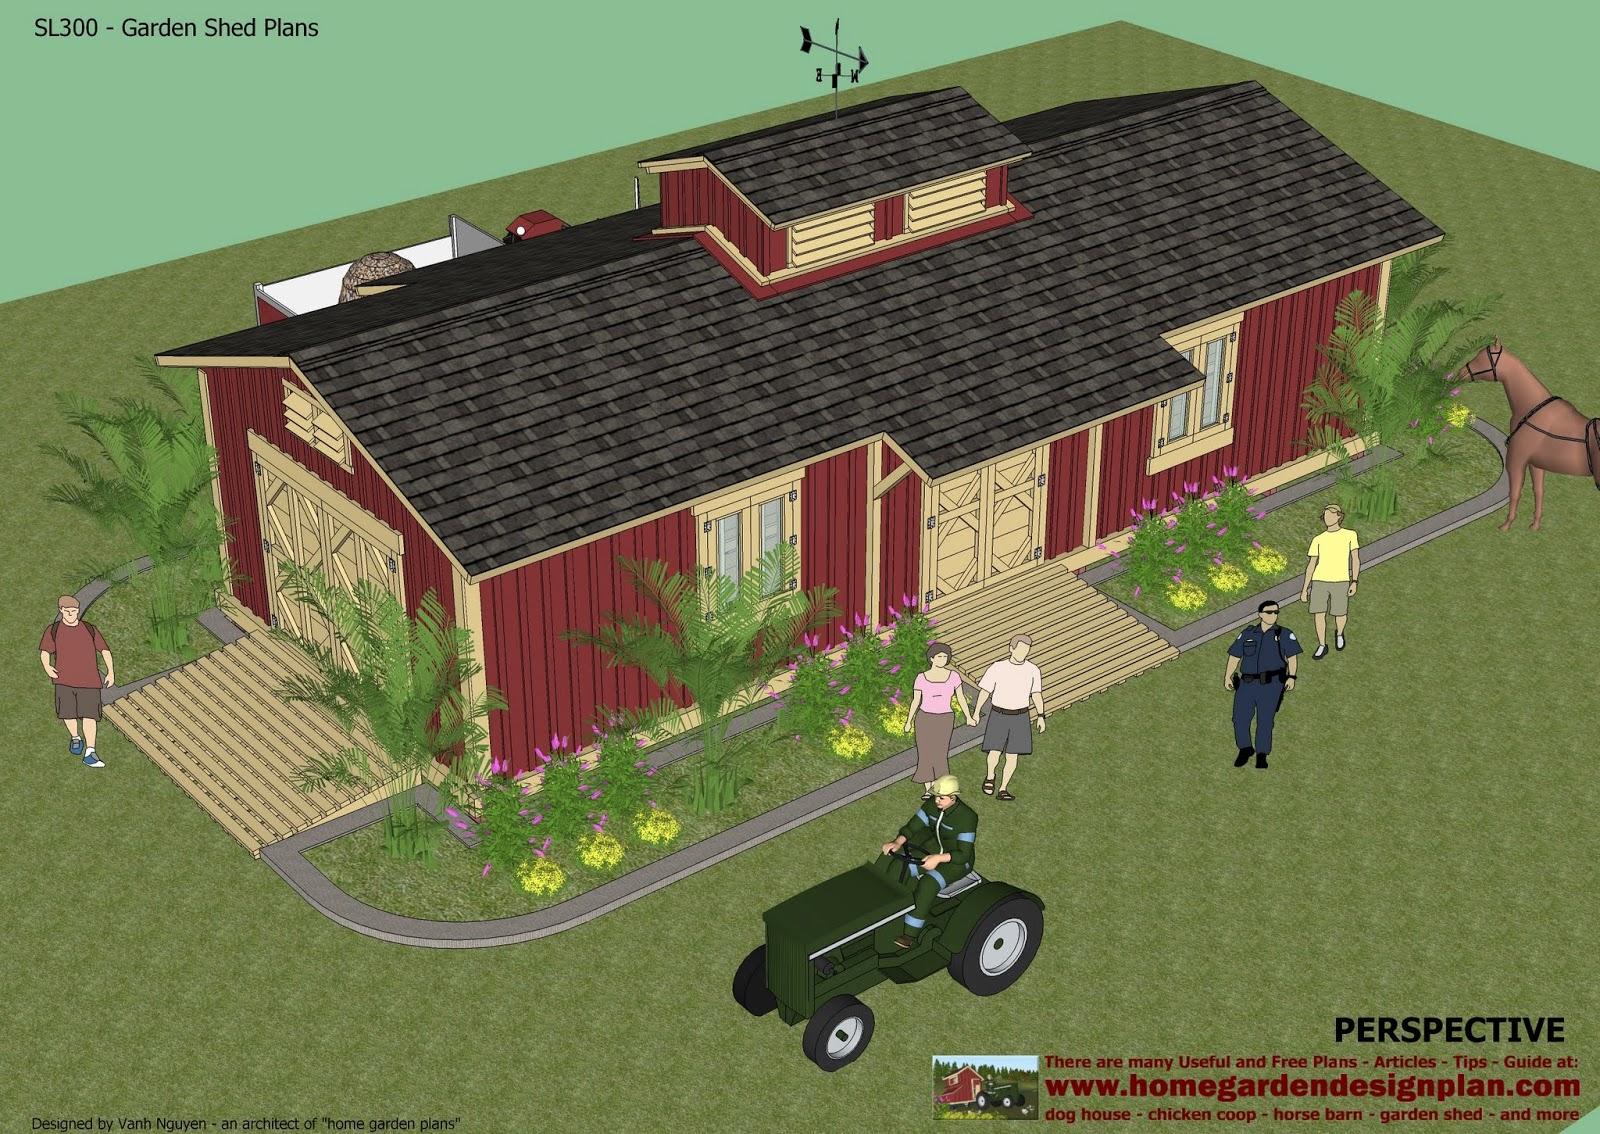 home garden plans SL300 Storage Sheds Plans Garden Shed Plans – Garden Shed Designs Free Plans